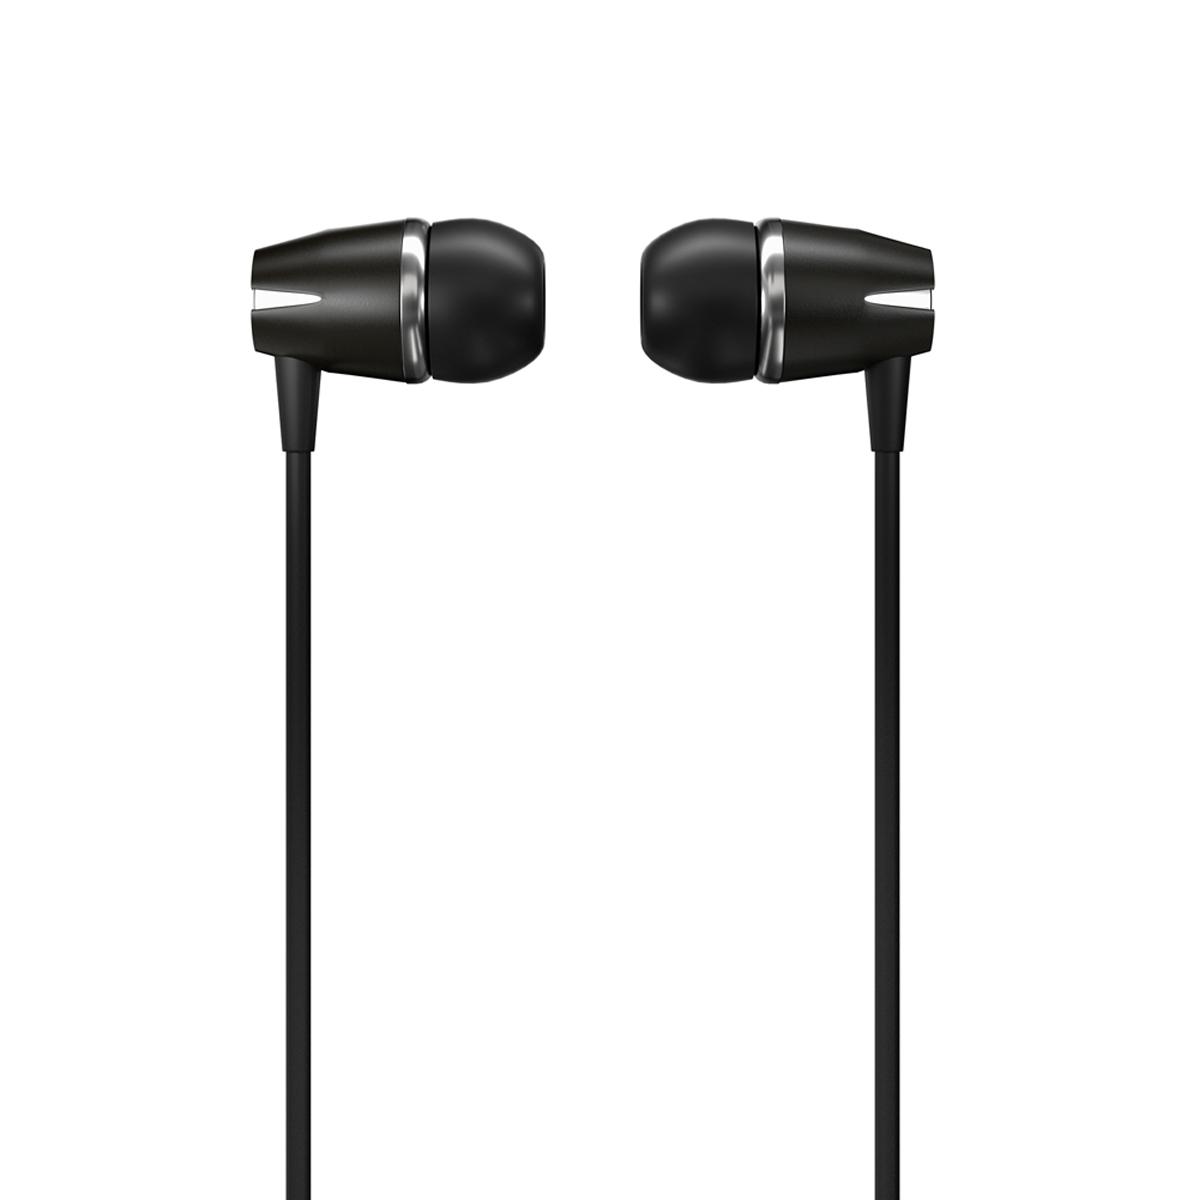 WK Design Y6 Kopfhörer 3,5 mm Mini-Jack -Headset mit WK Design Y6 Kopfhörer 3,5 mm Mini-Jack -Headset mit Fernbedienung schwarzweiss